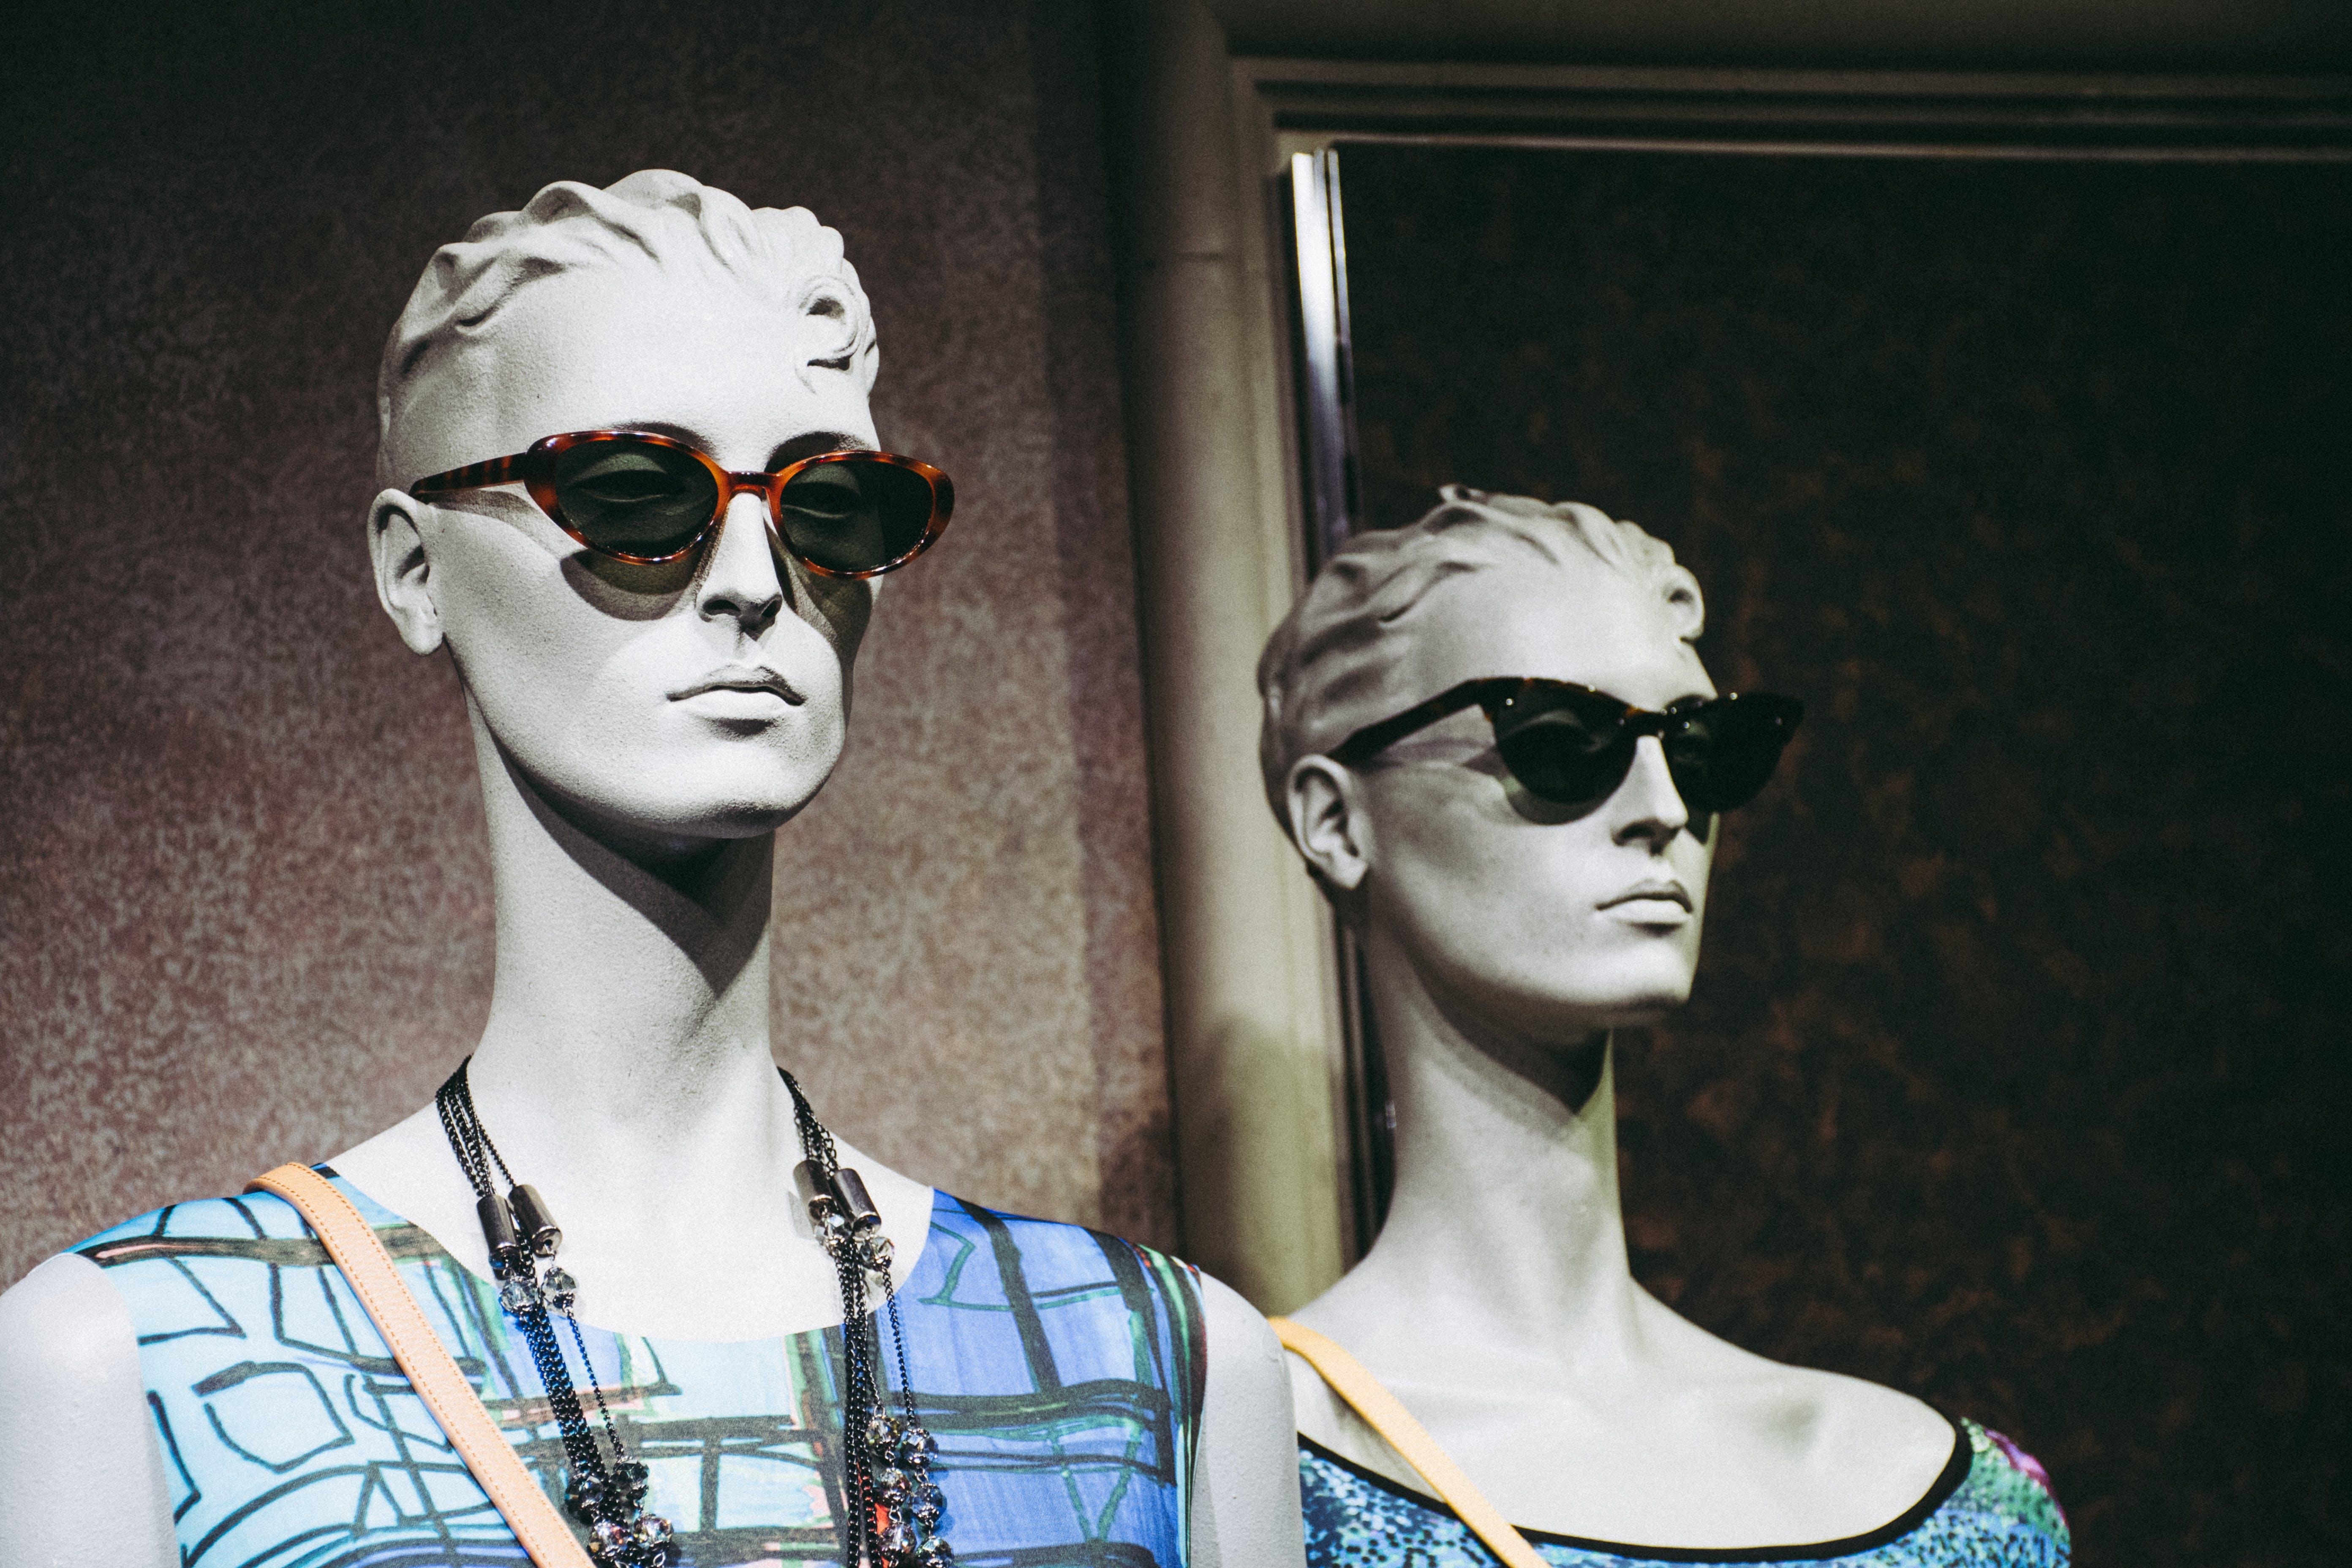 Kostnadsfri bild av glasögon, mode, solglasögon